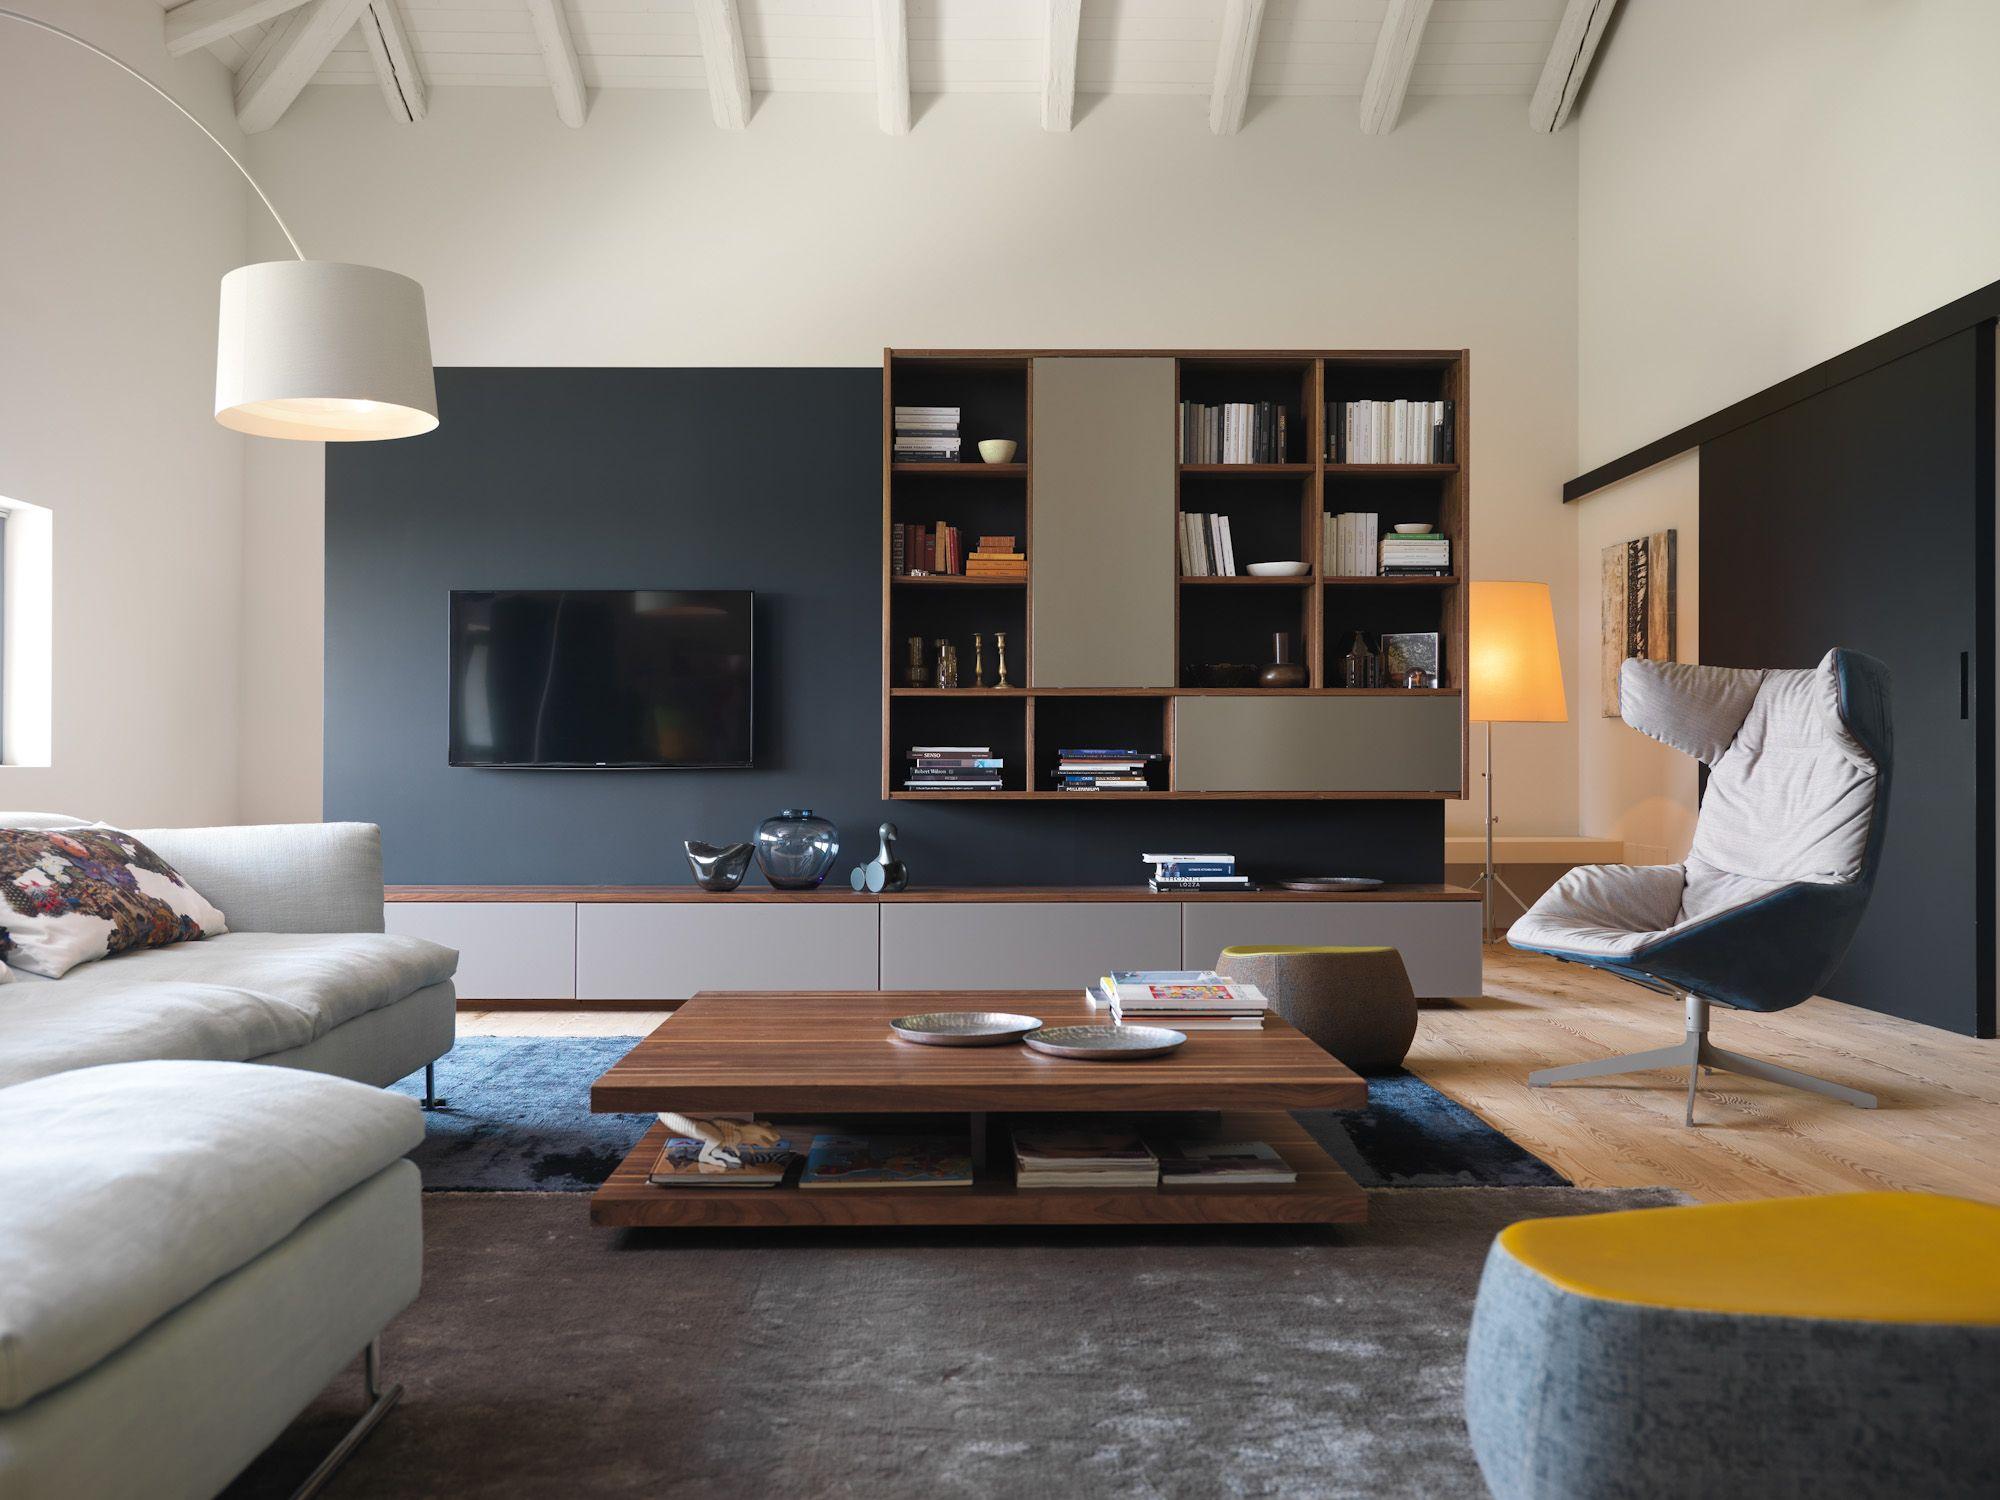 Couchtisch Niedriger Als Couch Couchtisch Botable Brickbox Regale